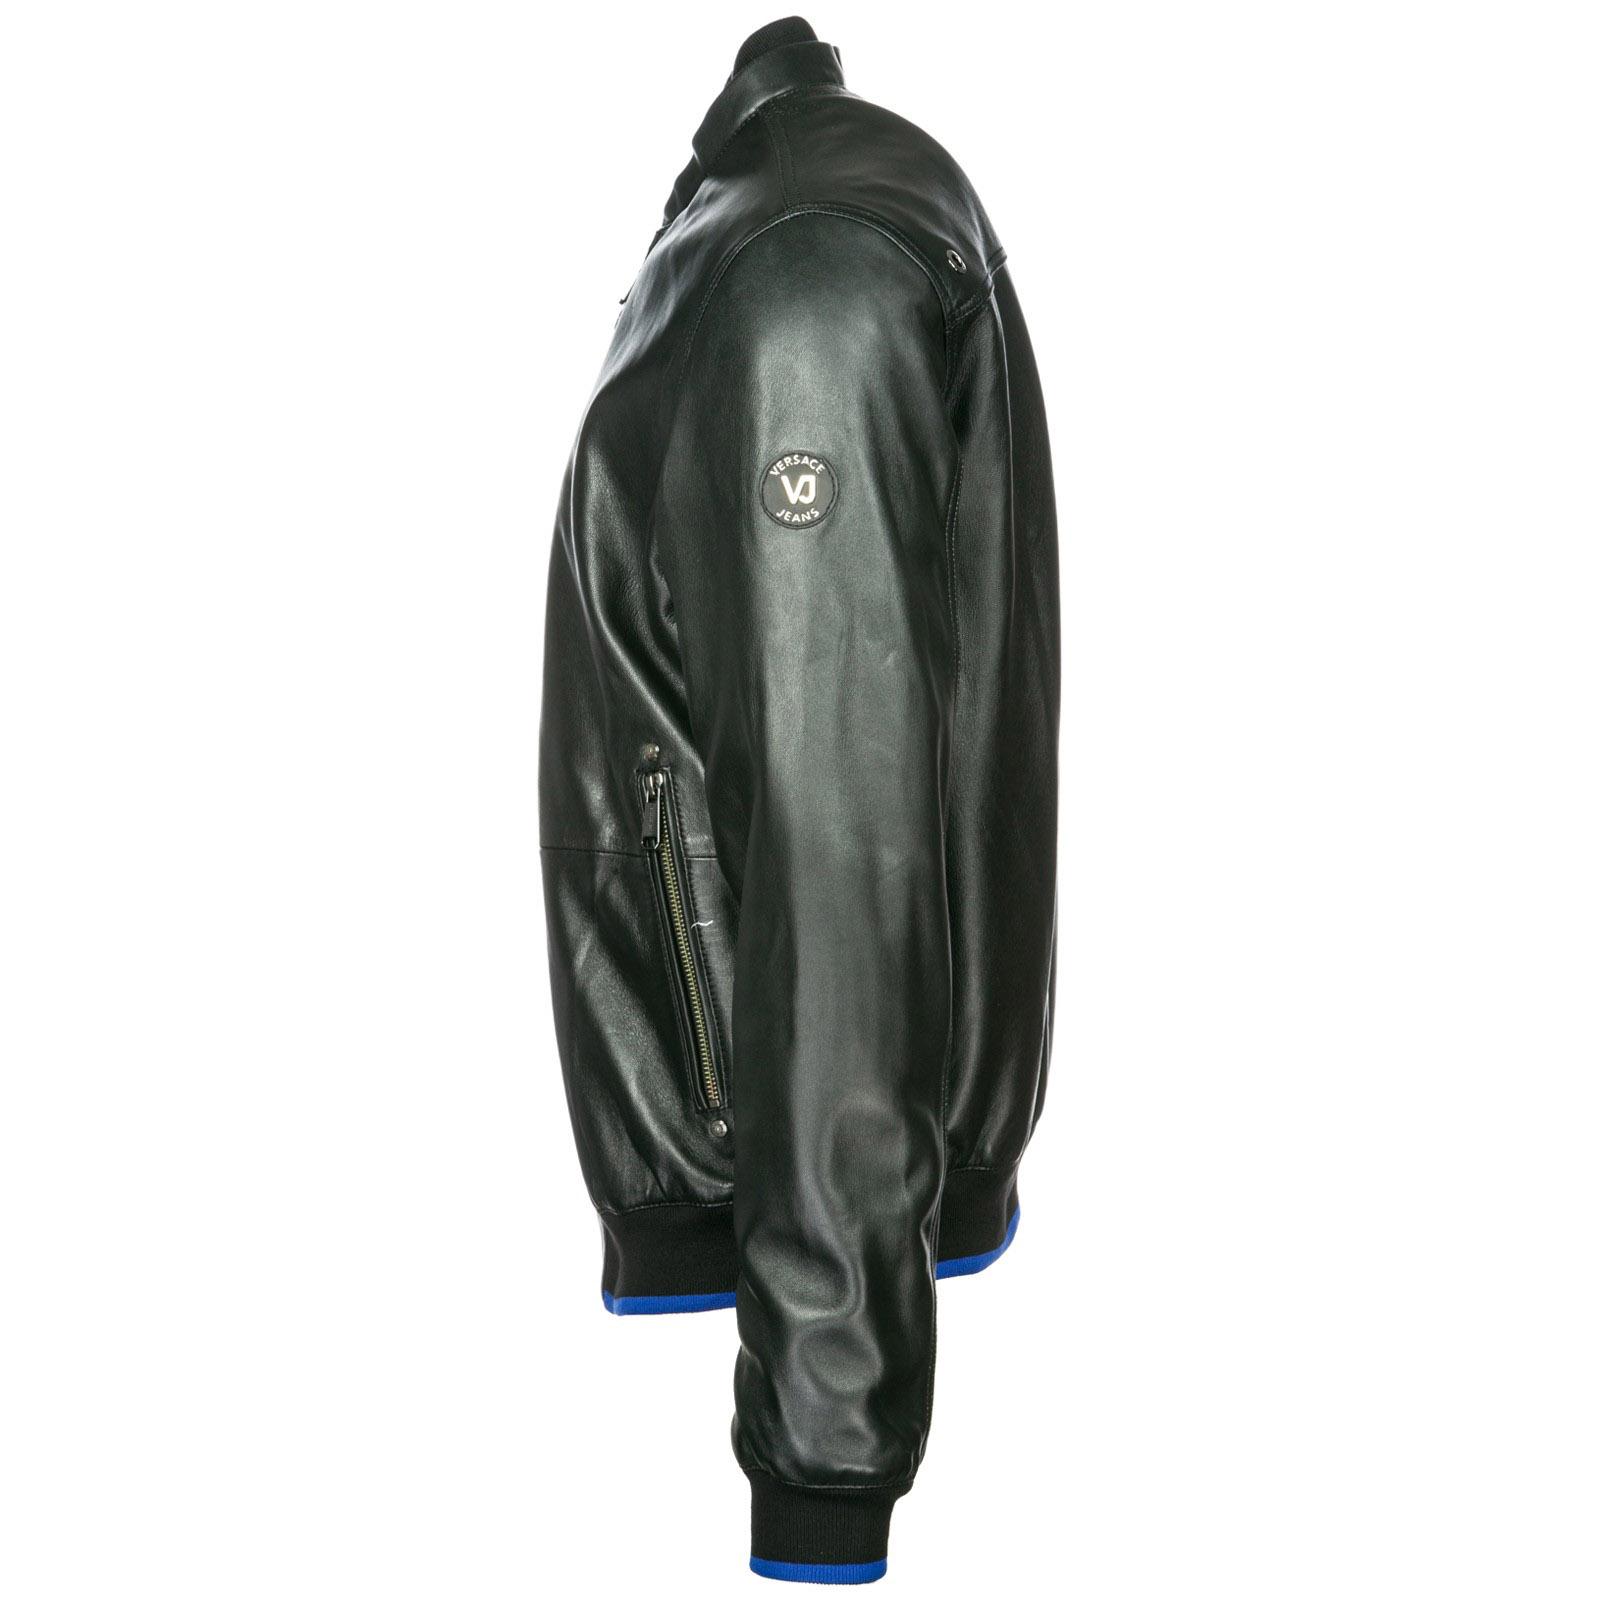 Veste en cuir Versace Jeans ECGSB9P5 nero   FRMODA.com 9352175bda1